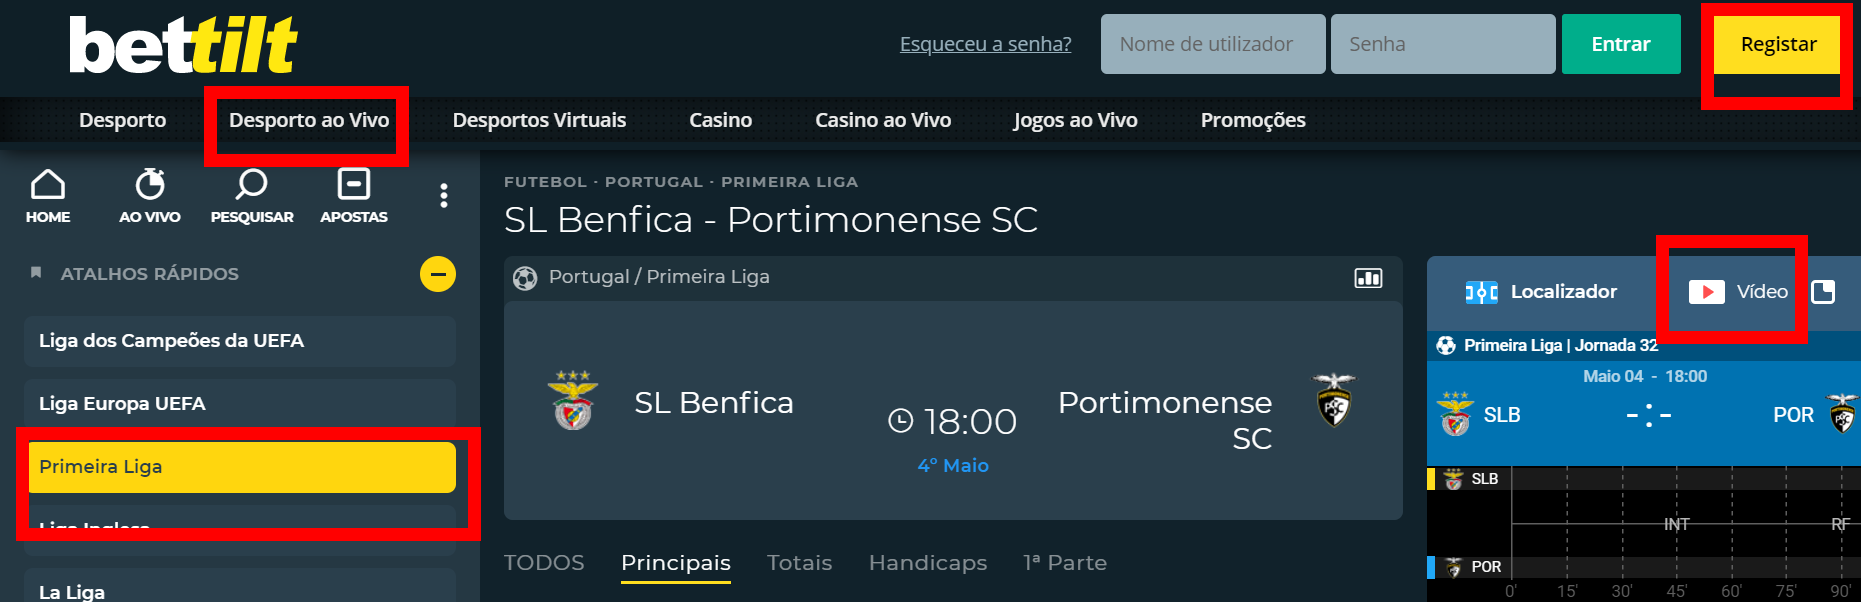 Saiba onde pode ver o Rio Ave Benfica online